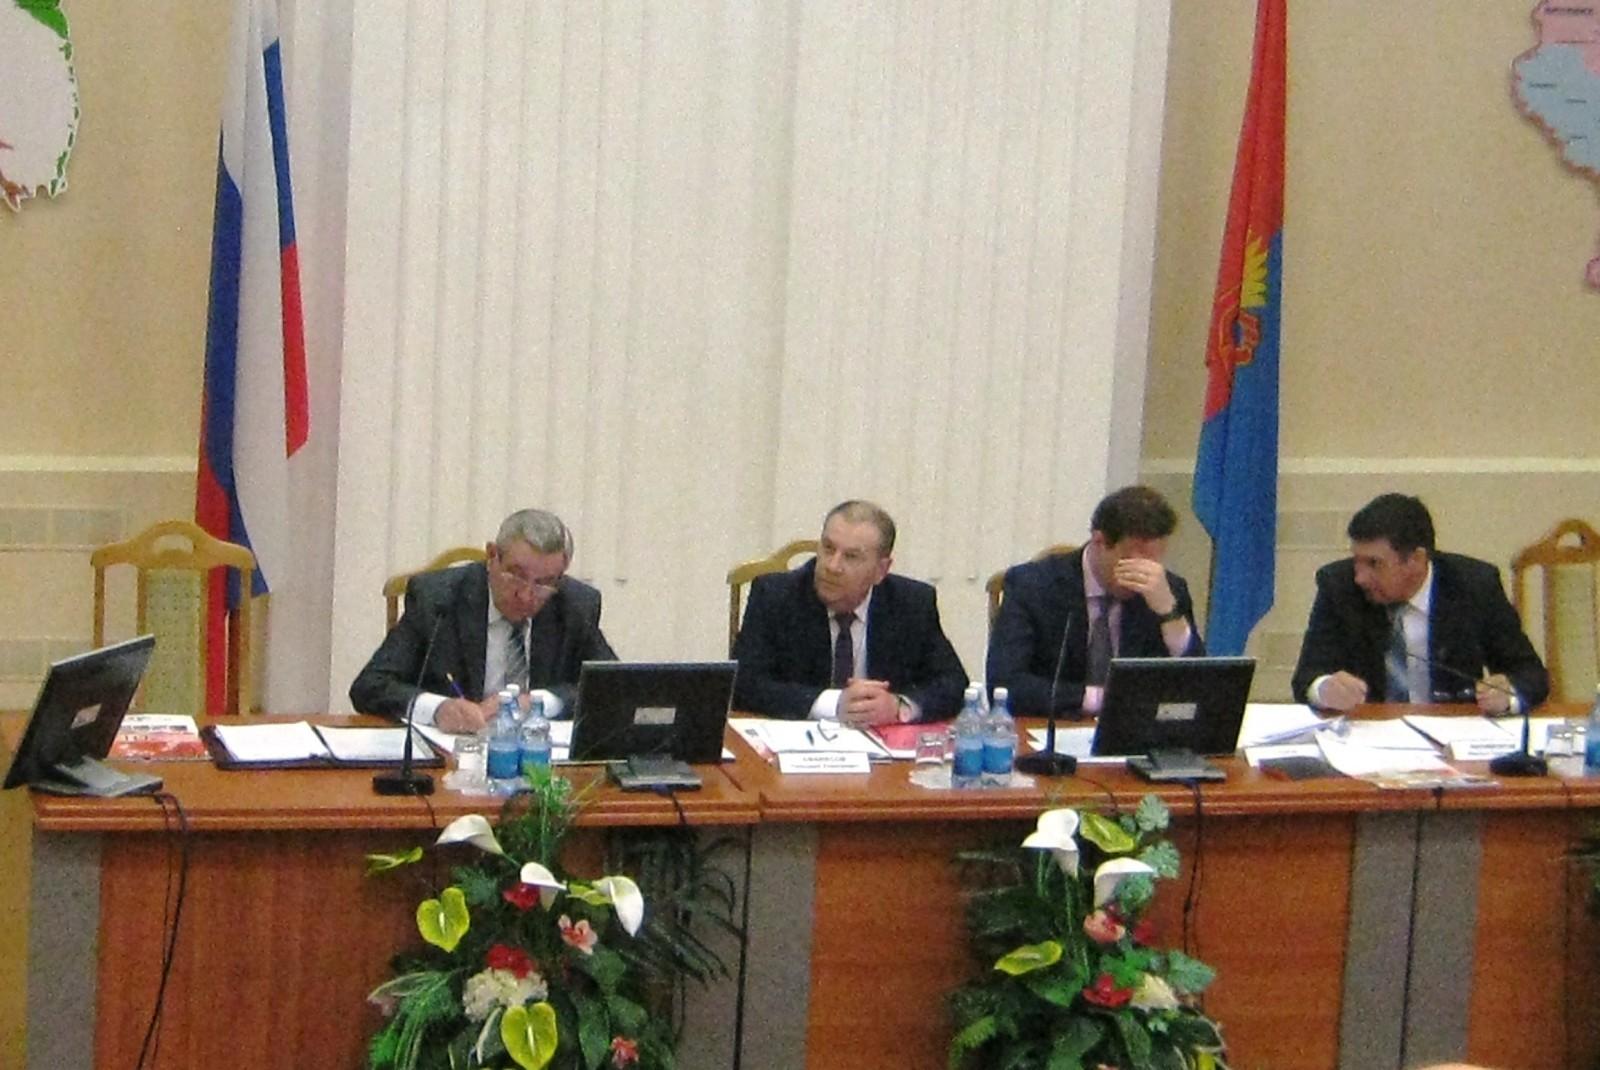 Рост среднеобластной заработной платы спрогнозирован на уровне 23 900 рублей